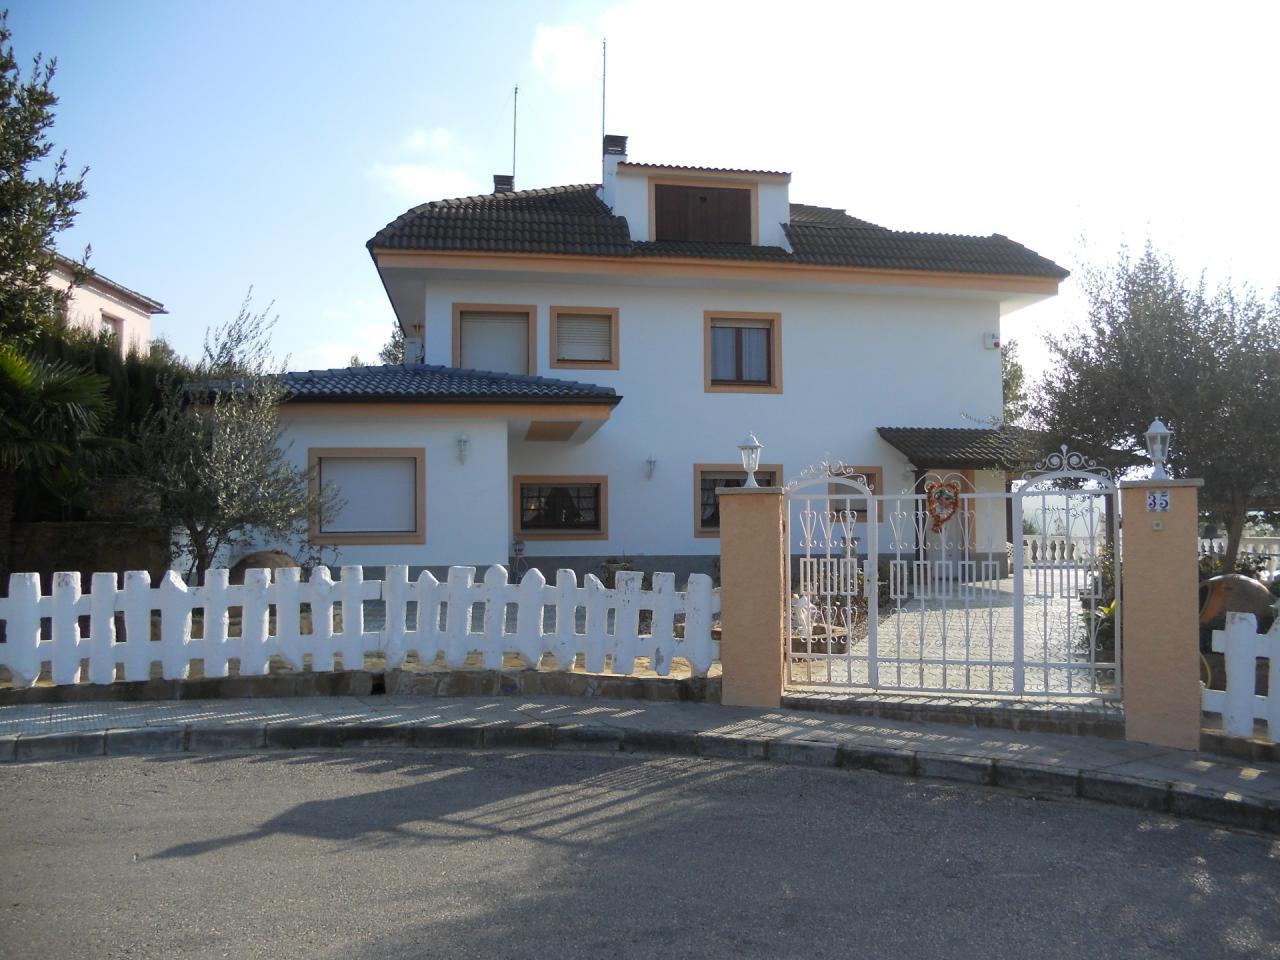 Casa en URB. MÁS PLANOI (Castellgalí)